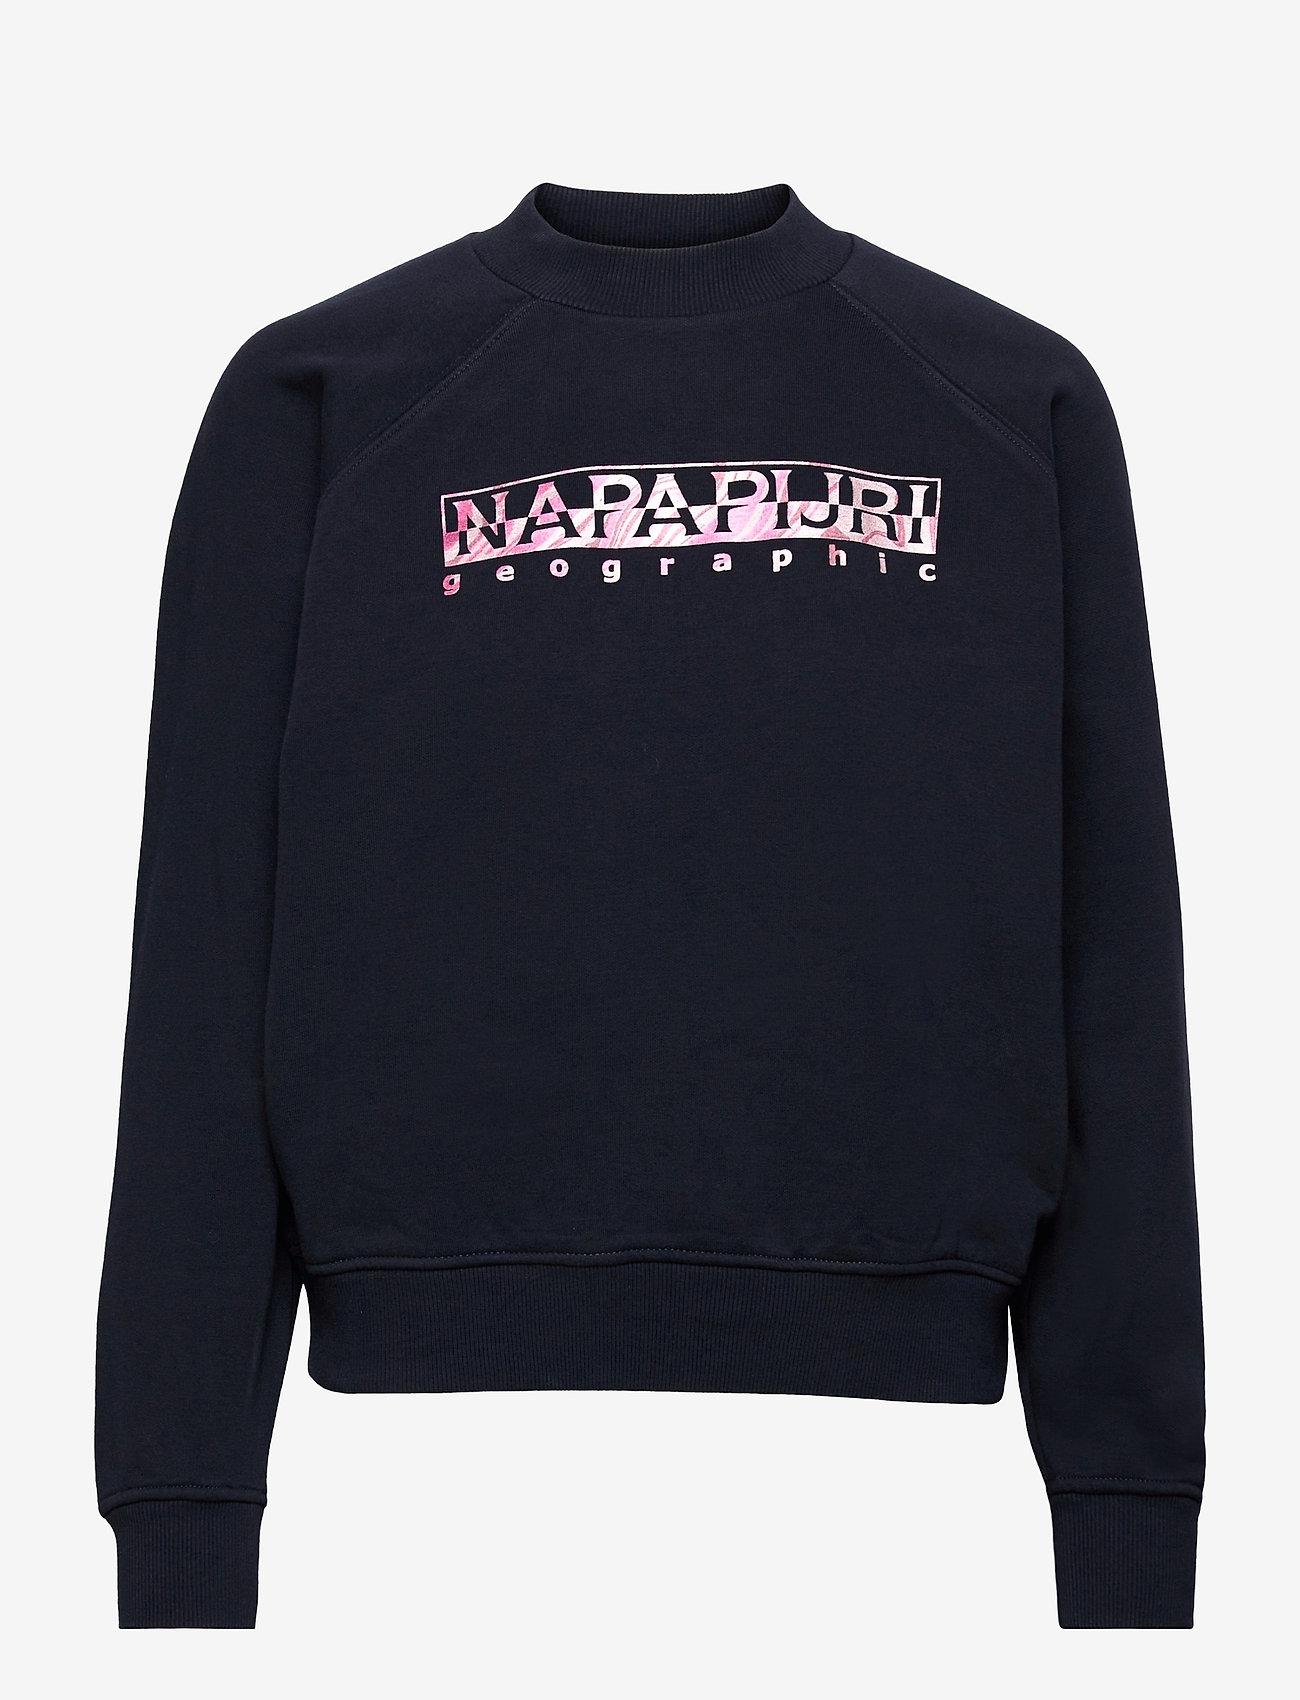 Napapijri - BILEA C - sweatshirts & hoodies - blue marine - 0